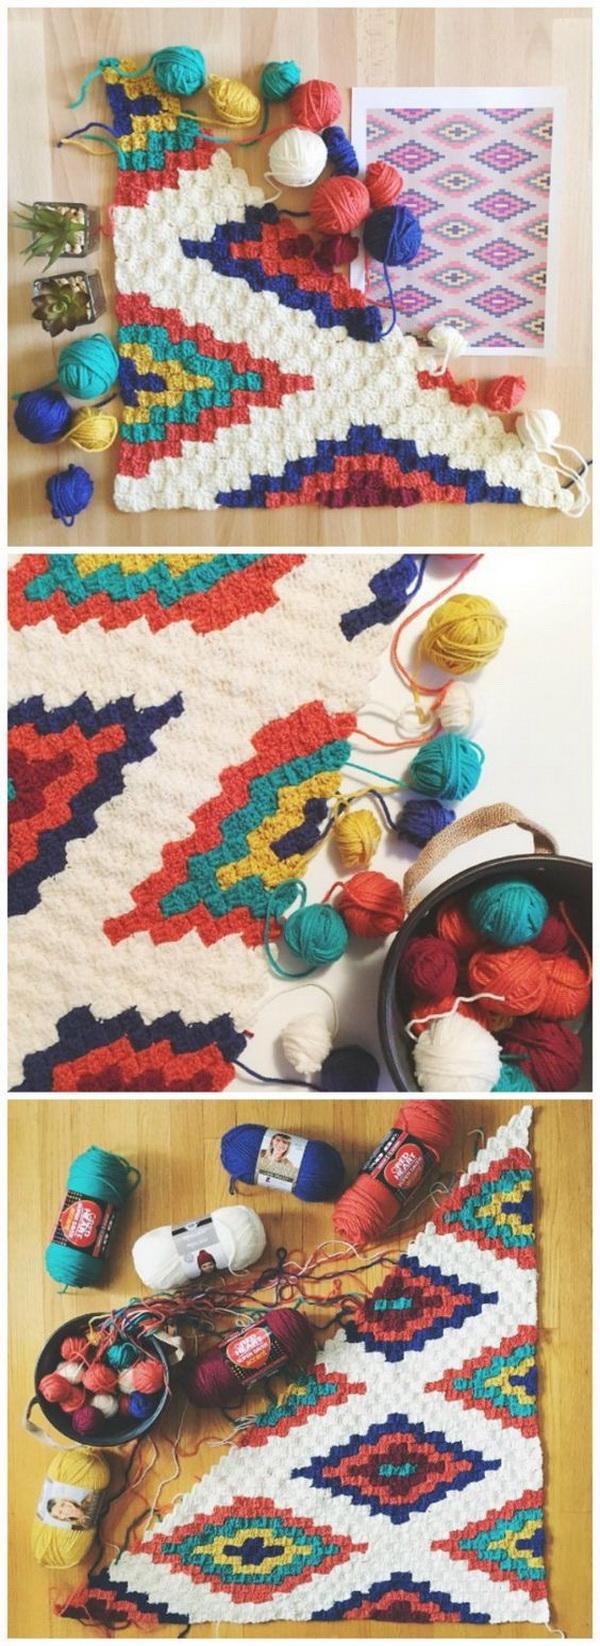 Quick And Easy Crochet Blanket Patterns For Beginners: Corner To Corner Crochet Southwestern Throw Blanket.